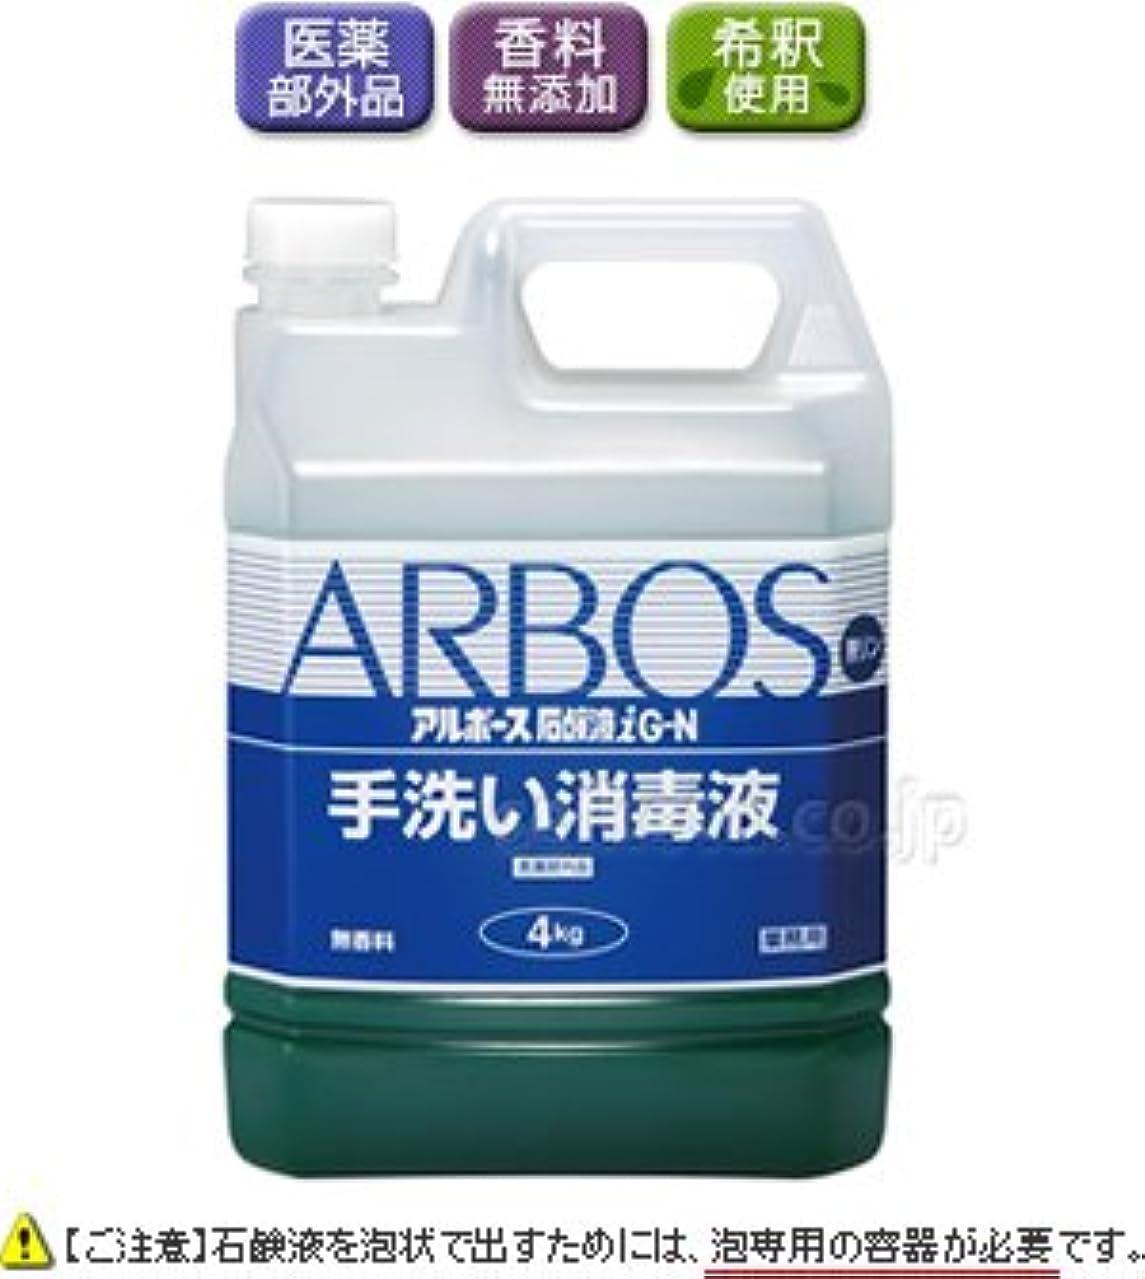 兄弟愛カフェテリア不忠【清潔キレイ館】アルボース石鹸液iG-N(4kg×1本)